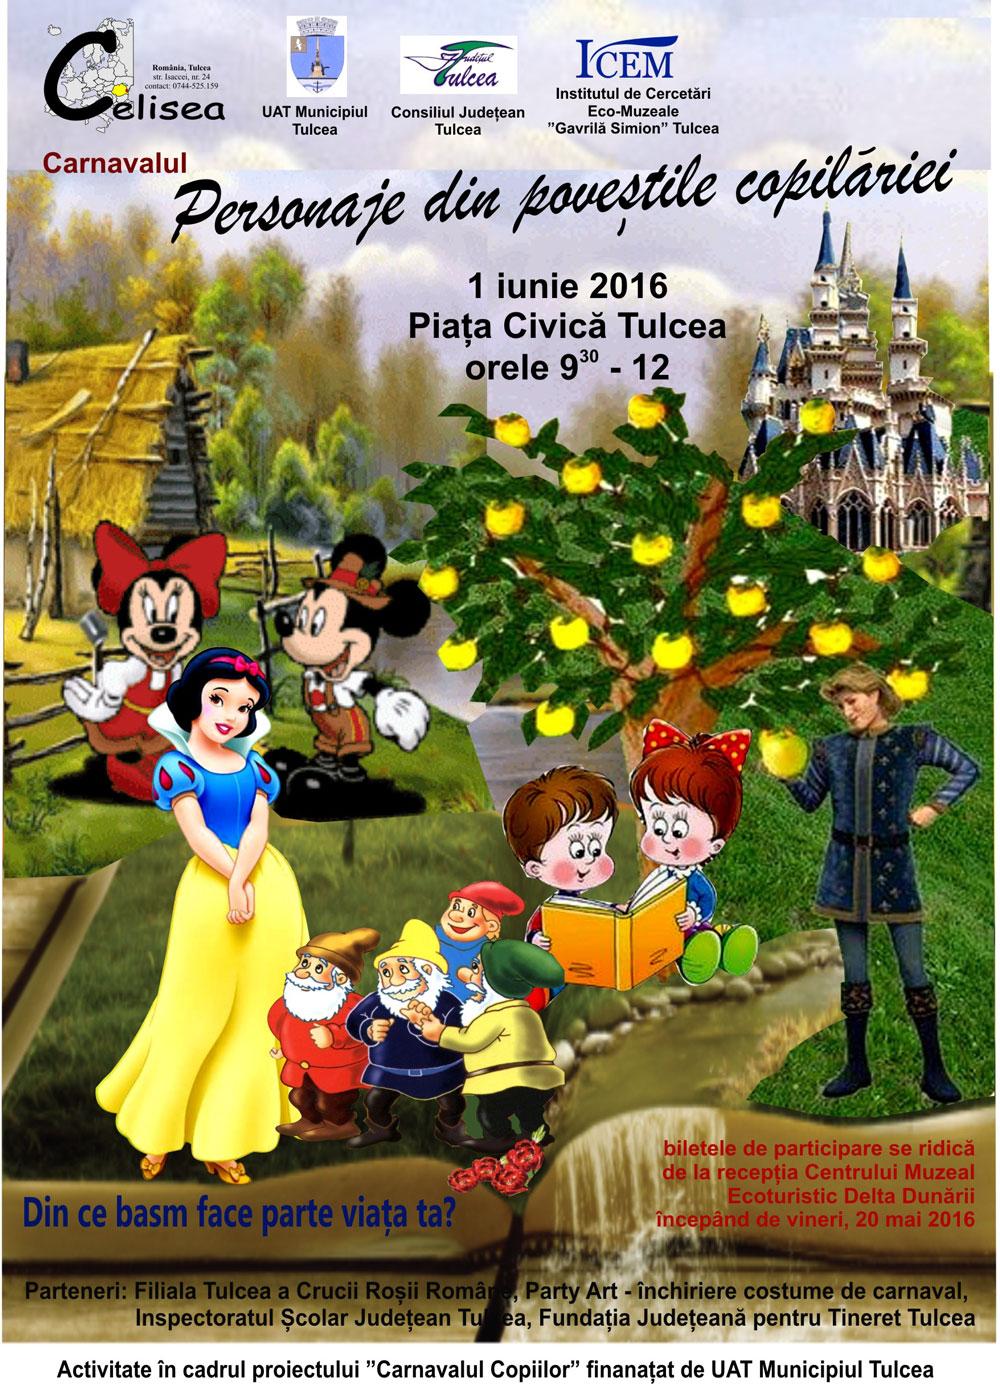 De 1 iunie, eşti invitat la carnaval!